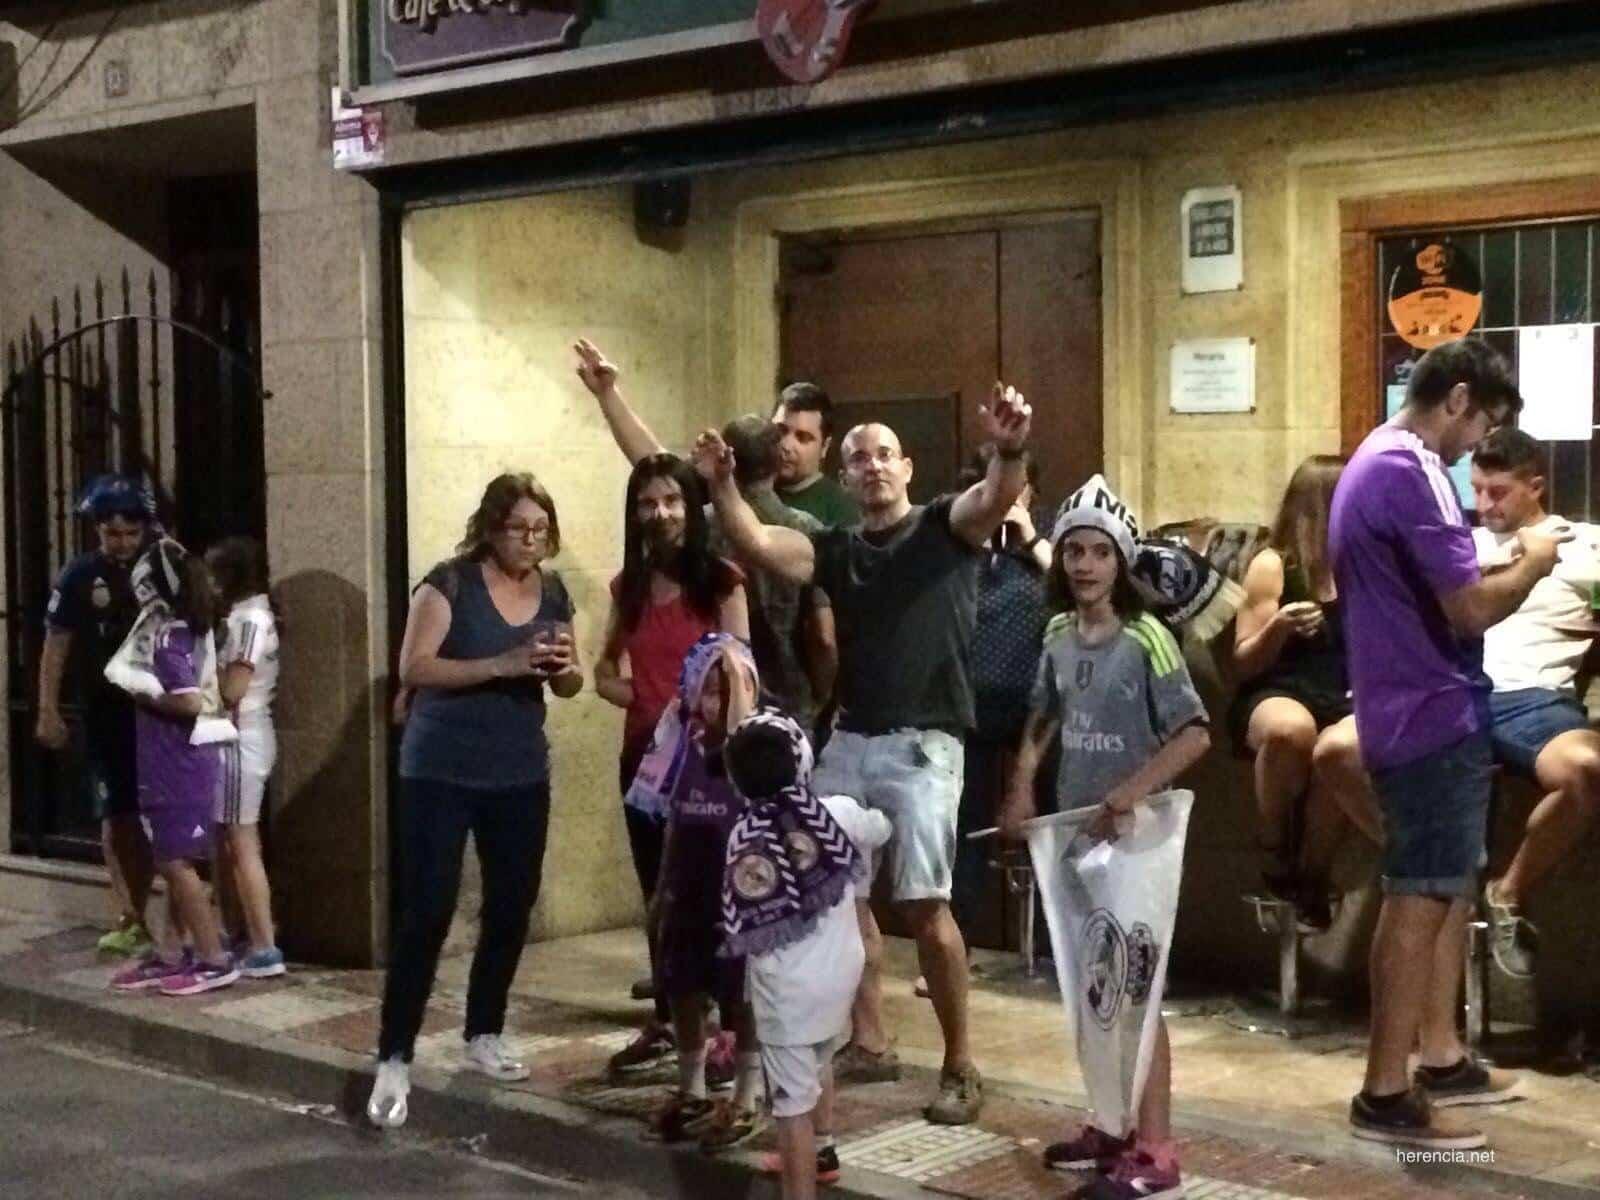 Herencia celebra la Duodécima Copa de Europa que gana el Real Madrid 22